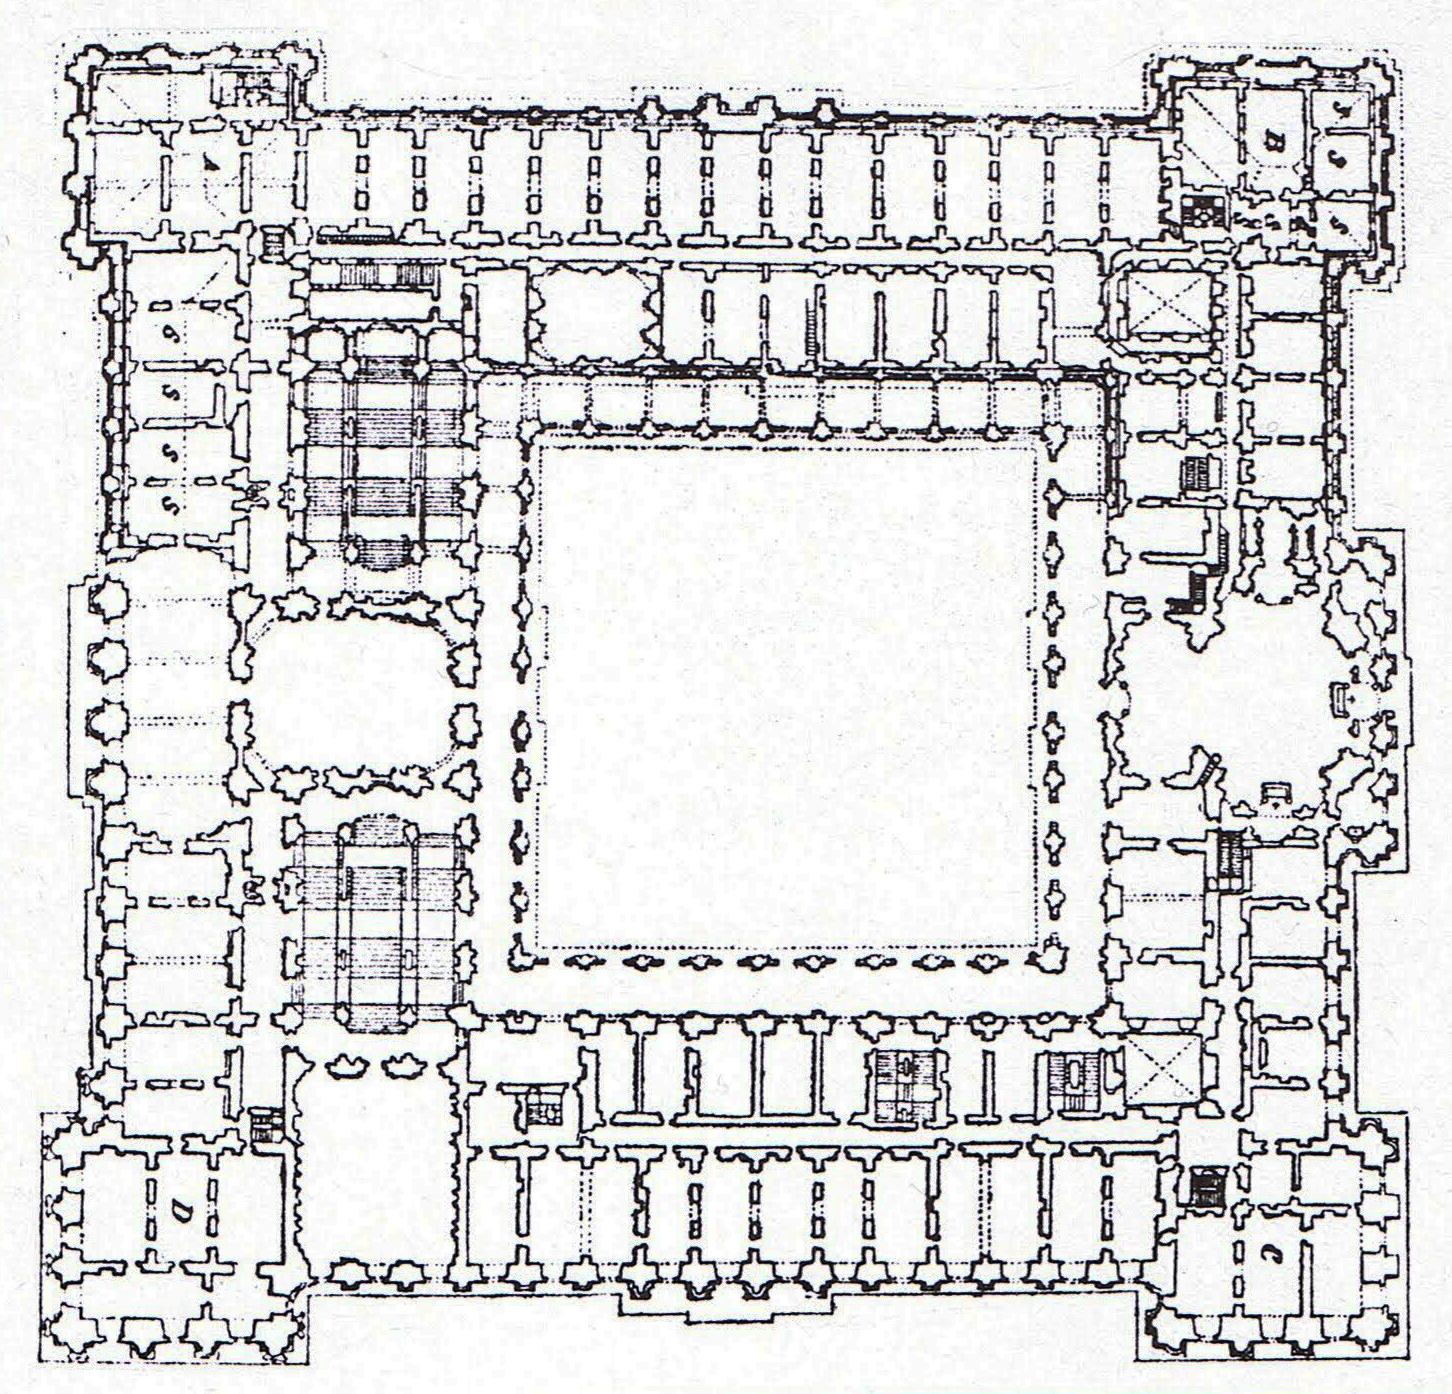 FilePlanta Del Palacio Real Proyecto De Sachettijpg